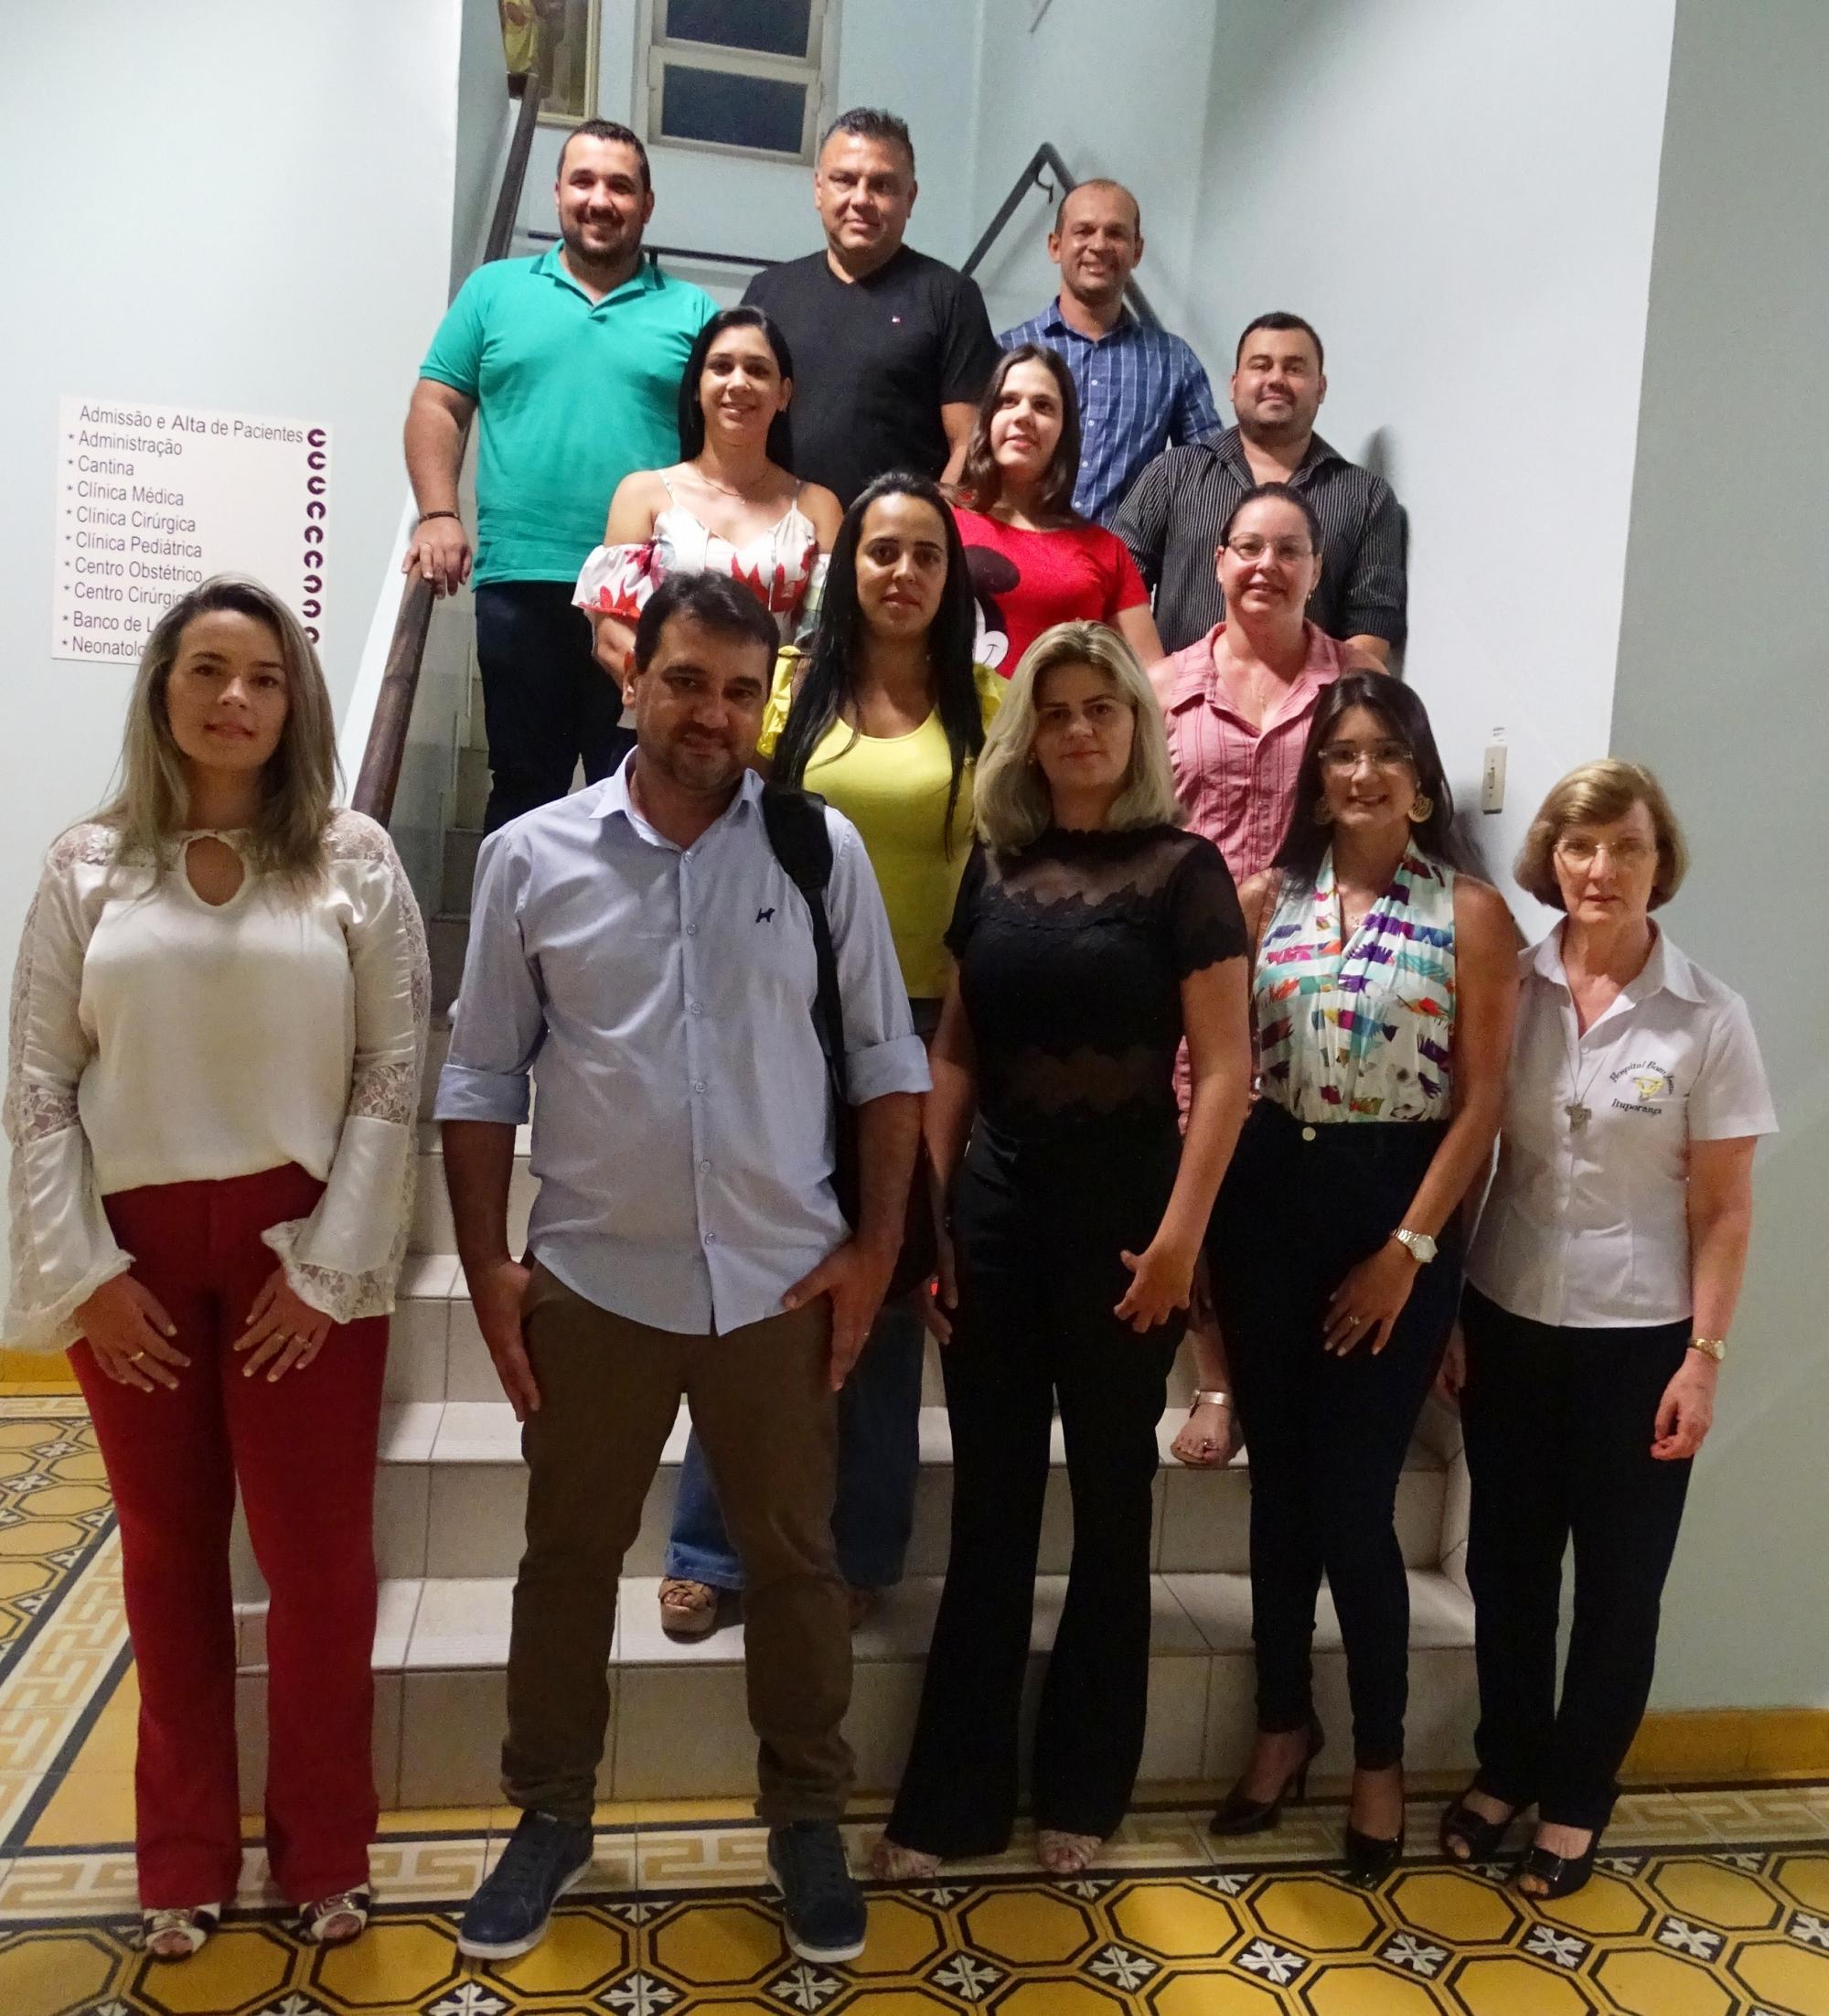 Estudantes de medicina da Universidade Sudamericana do Paraguai iniciam estágio no Hospital Bom Jesus.